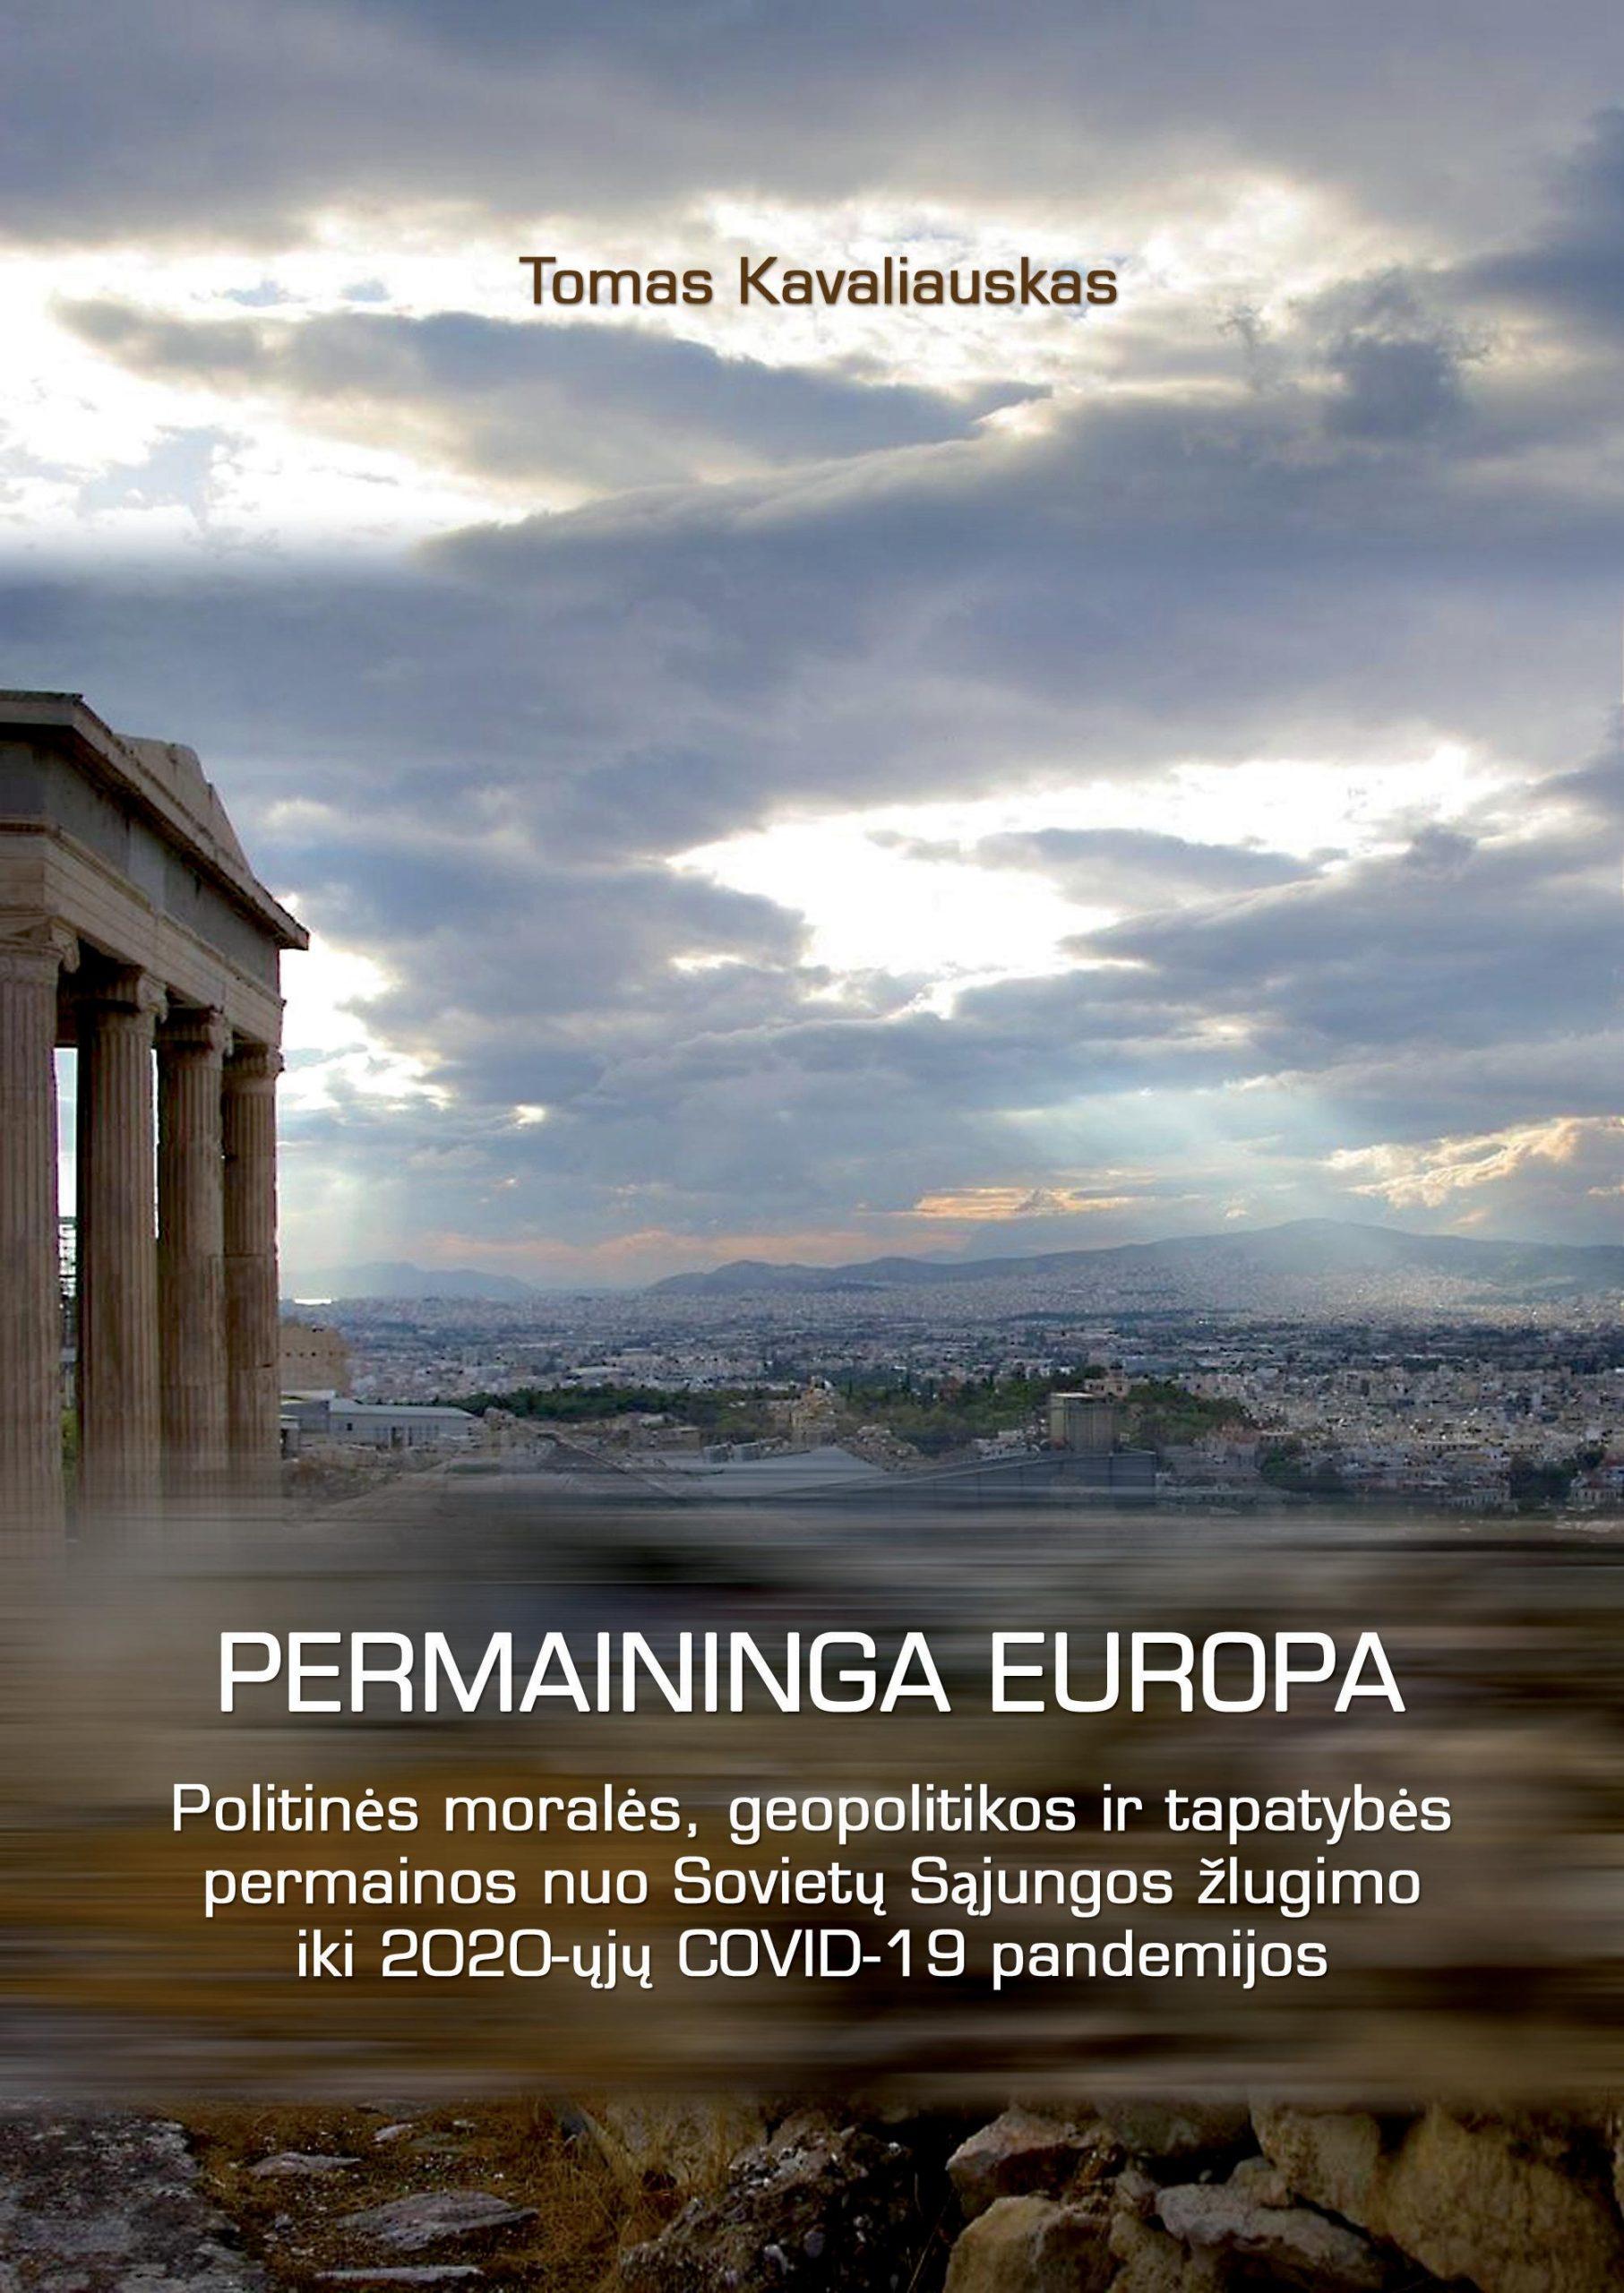 """Tomas Kavaliauskas. """"Permaininga Europa: politinės moralės, geopolitikos ir tapatybės permainos nuo Sovietų Sąjungos žlugimo iki 2020-ųjų COVID-19 pandemijos"""" (Kaunas: 2020)"""